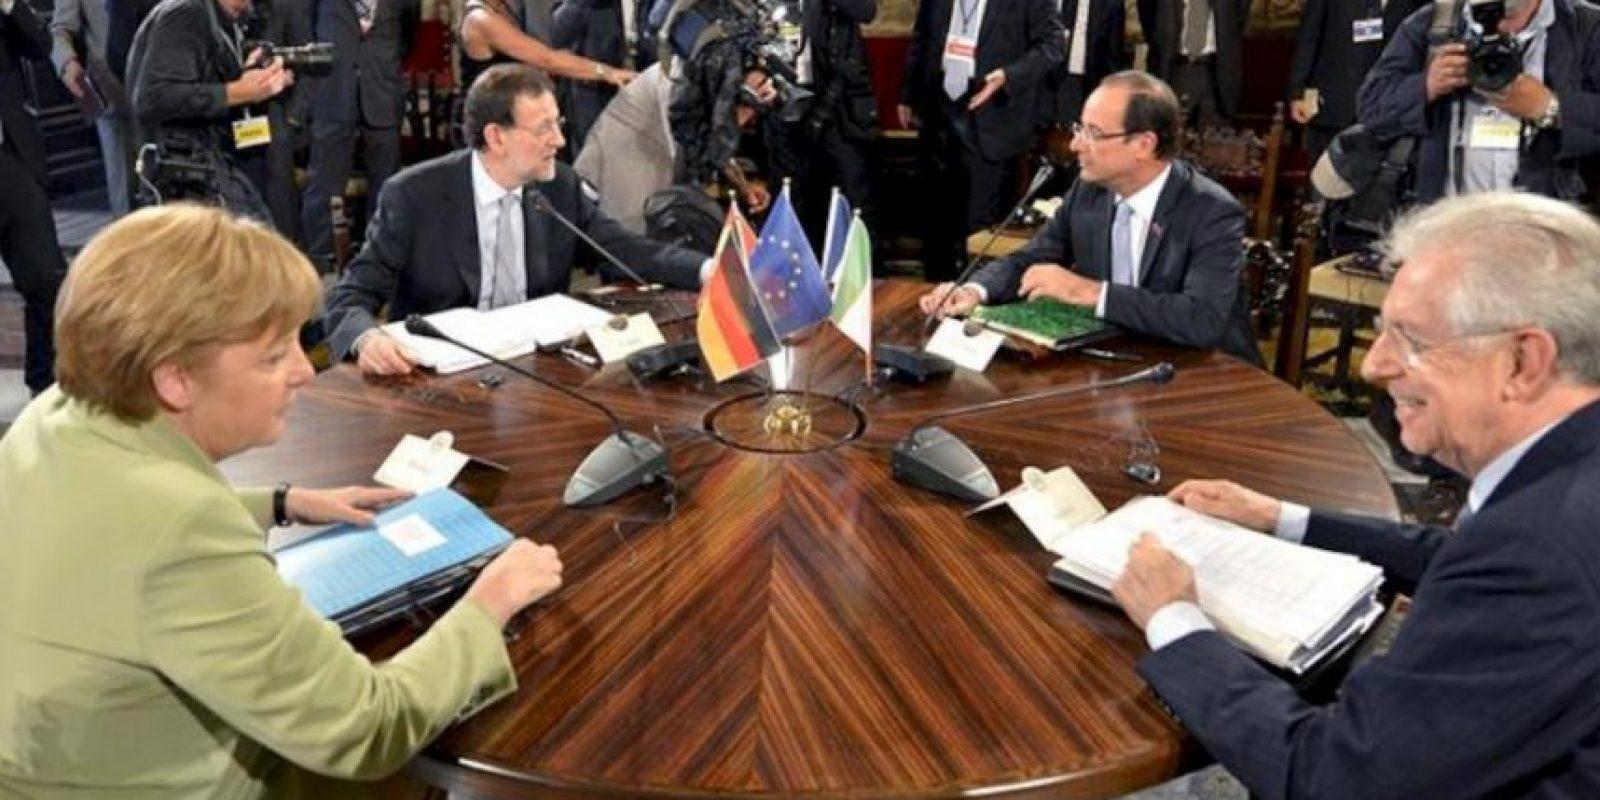 Foto facilitada hoy por la Presidencia del Gobierno español sobre la cumbre cuatripartita celebrada este viernes en Roma por la canciller alemana, Angela Merkel (1i); el presidente del Gobierno español, Mariano Rajoy (2i); el presidente francés, François Hollande (2d), y el primer ministro italiano y anfitrión, Mario Monti (1d). EFE